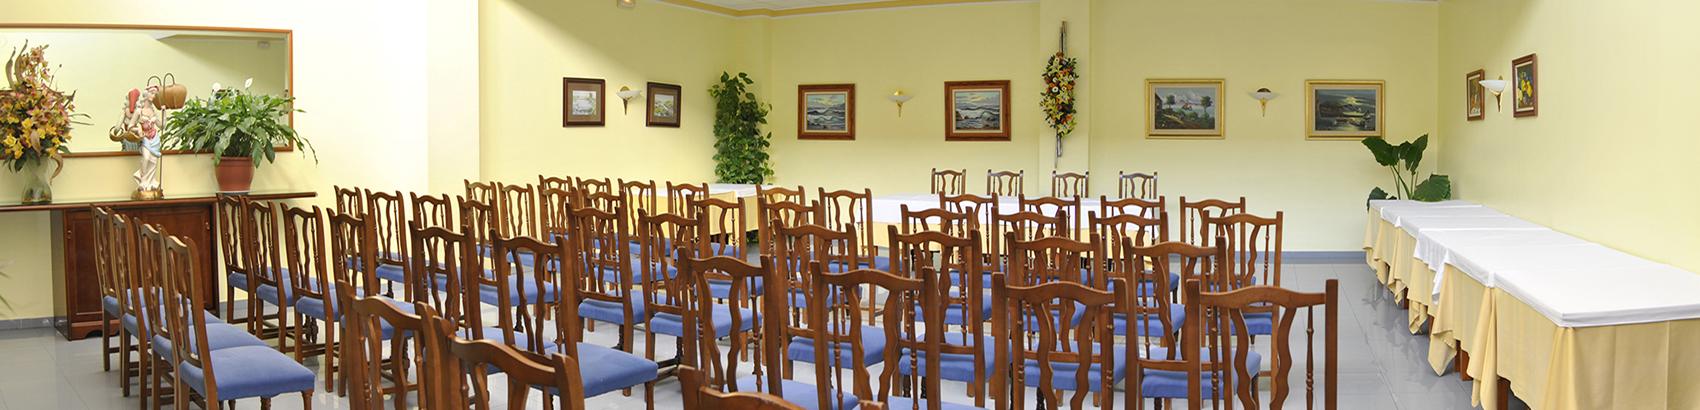 Descubre nuestros salones para reuniones, muestrarios, formaciones…